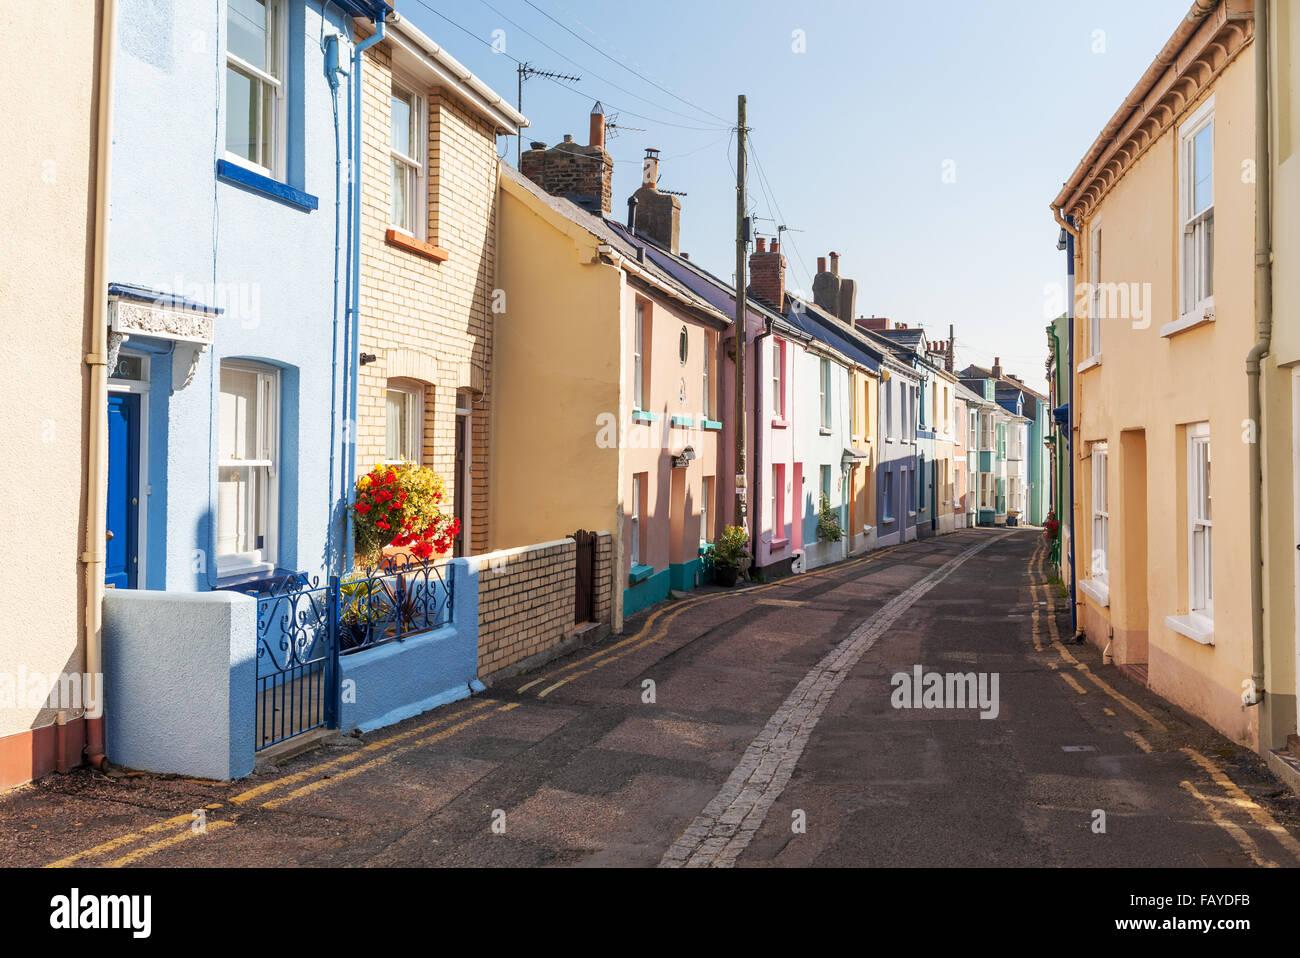 Mehrfarbige, terrassenförmig angelegten Häuser auf einer Straße in Appledore, Nord-Devon, UK Stockbild